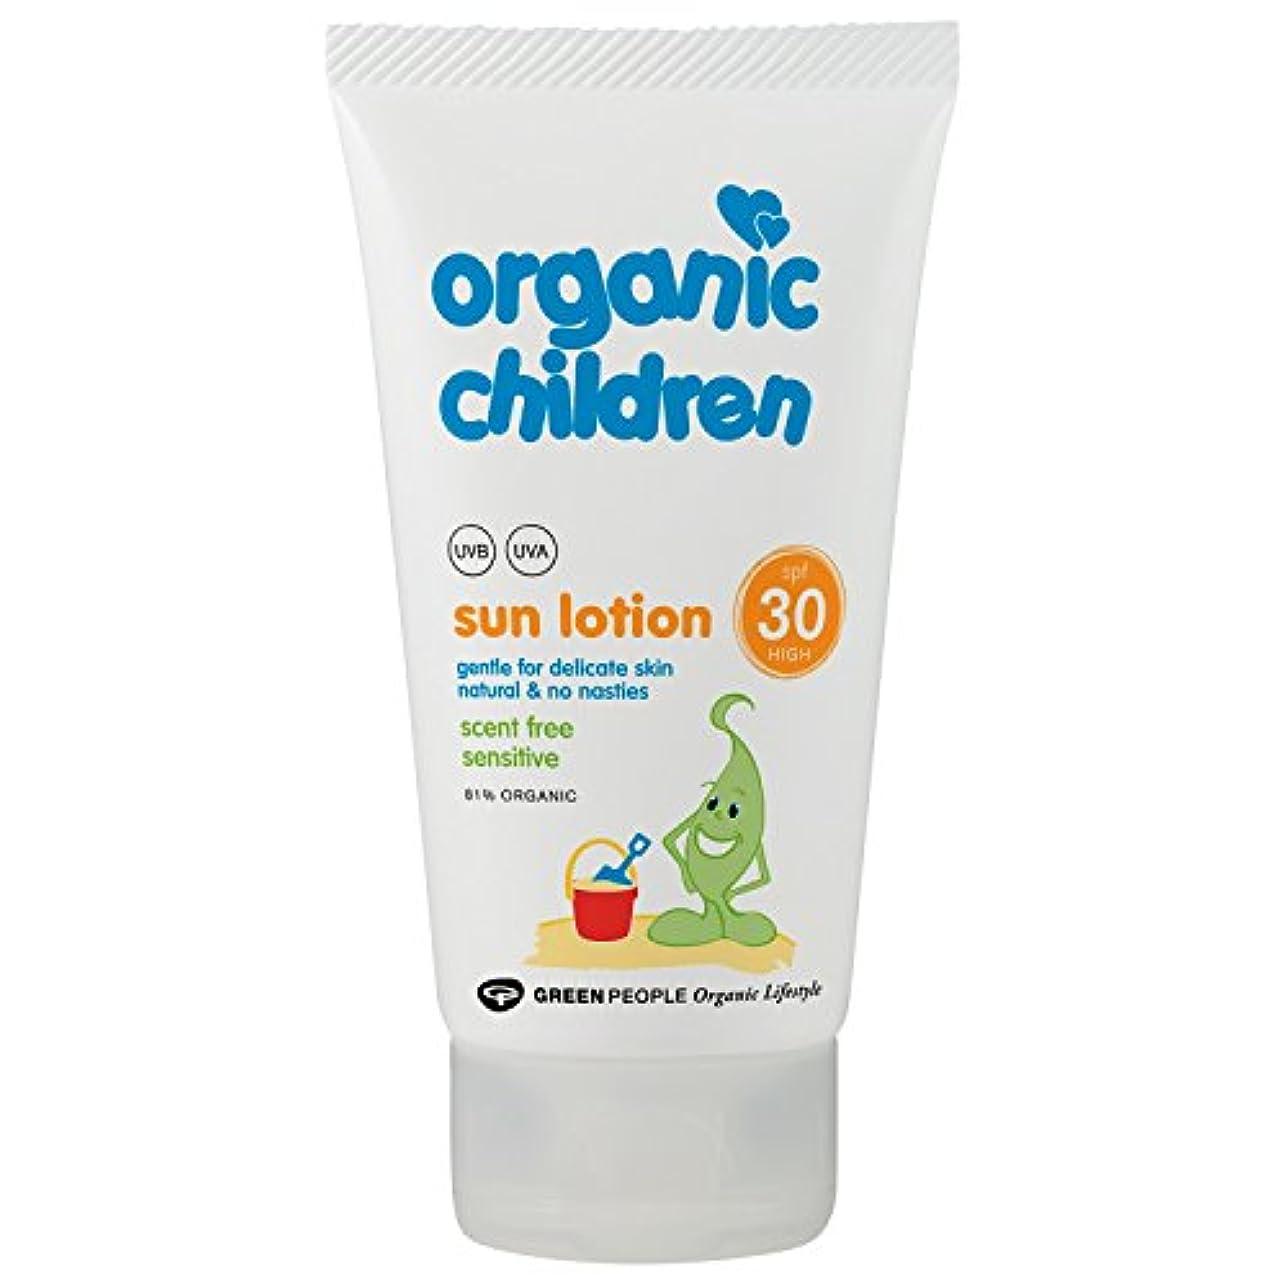 春ヨーロッパロック有機子どもたちは30日のローション150グラムを x4 - Organic Children SPF 30 Sun Lotion 150g (Pack of 4) [並行輸入品]